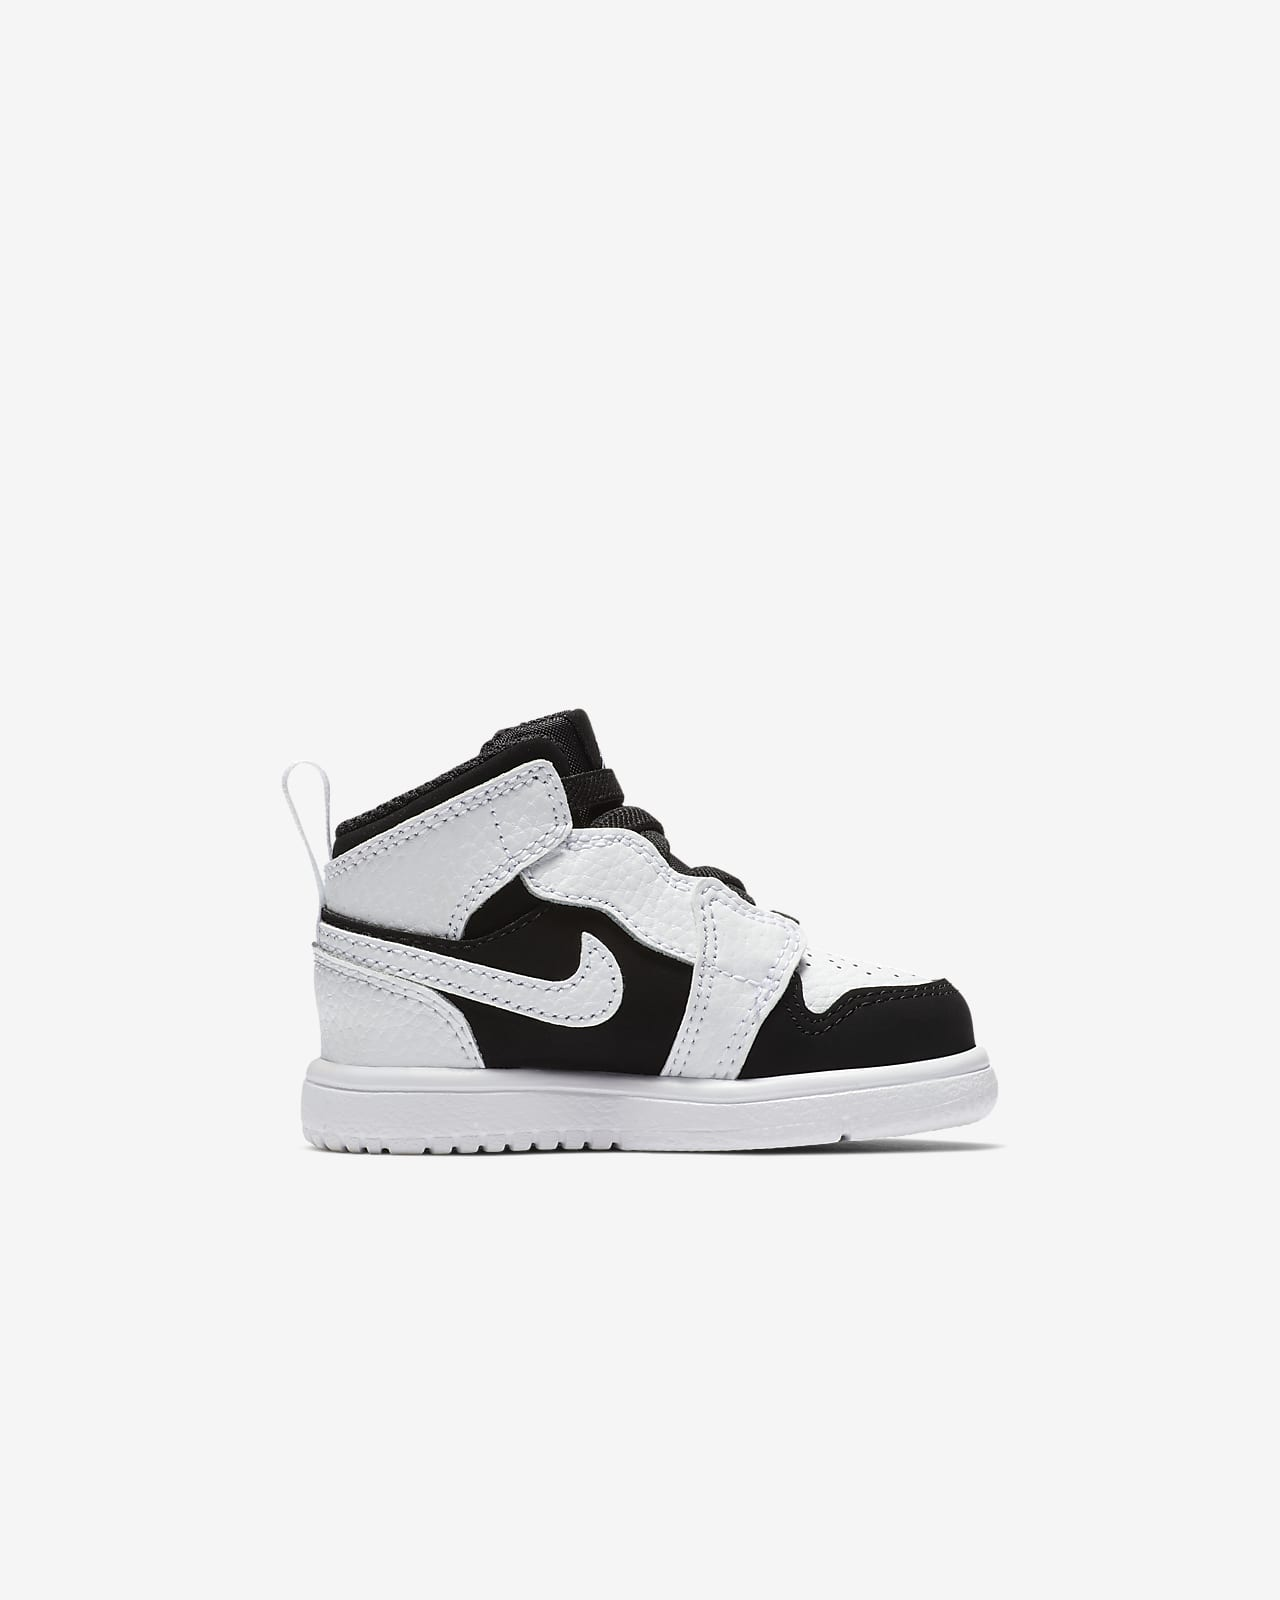 Jordan 1 Mid Baby \u0026amp; Toddler Shoe